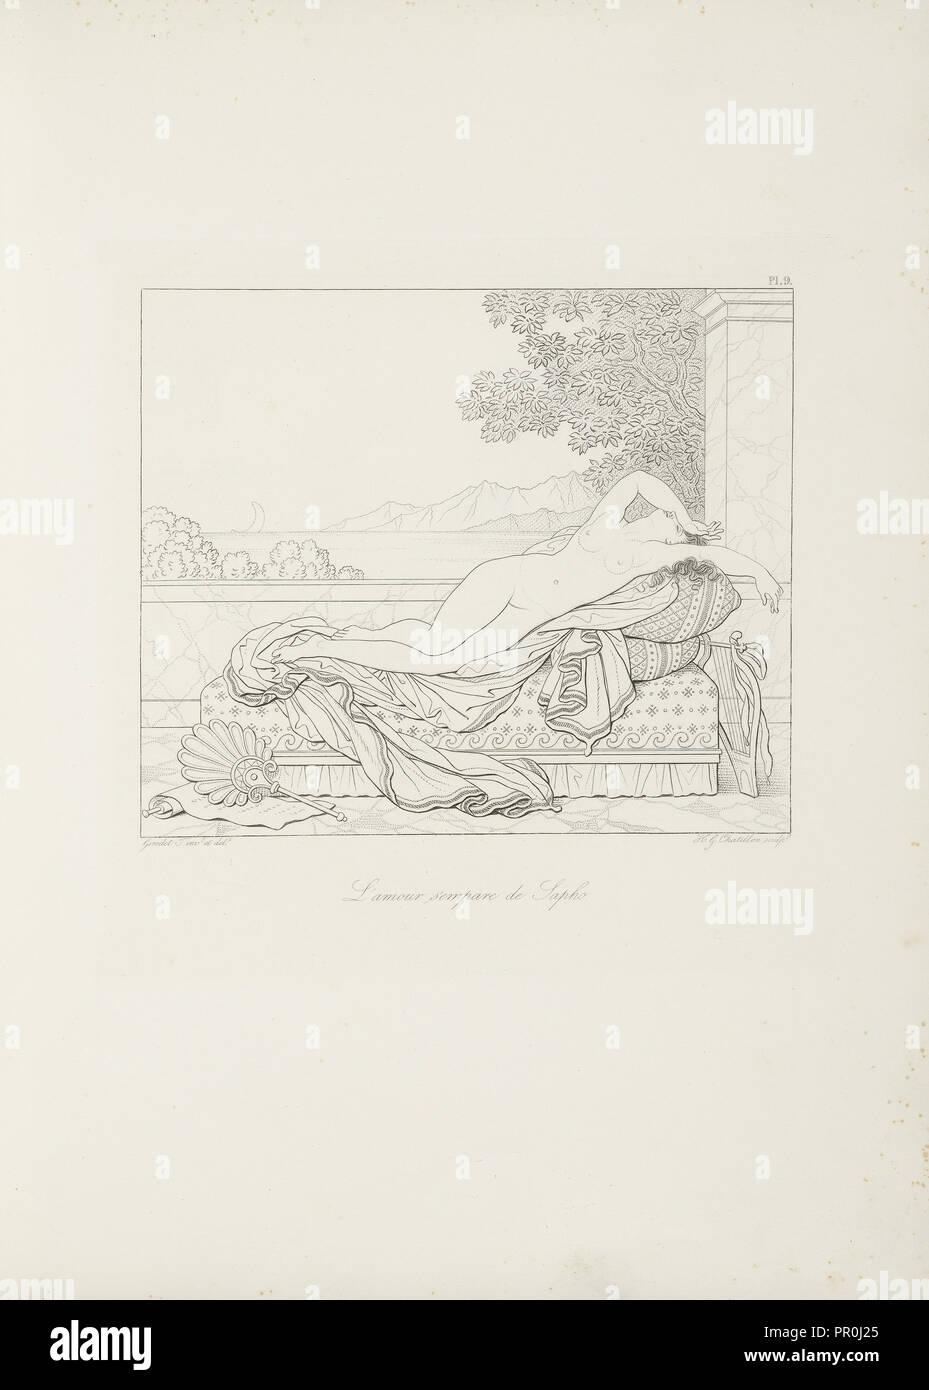 L'amour s'empare de Sapho, Sappho, Bion, Moschus, Chatillon, Henri Guillaume, ca. 1780-1856, Girodet-Trioson, Anne-Louis, 1767 - Stock Image